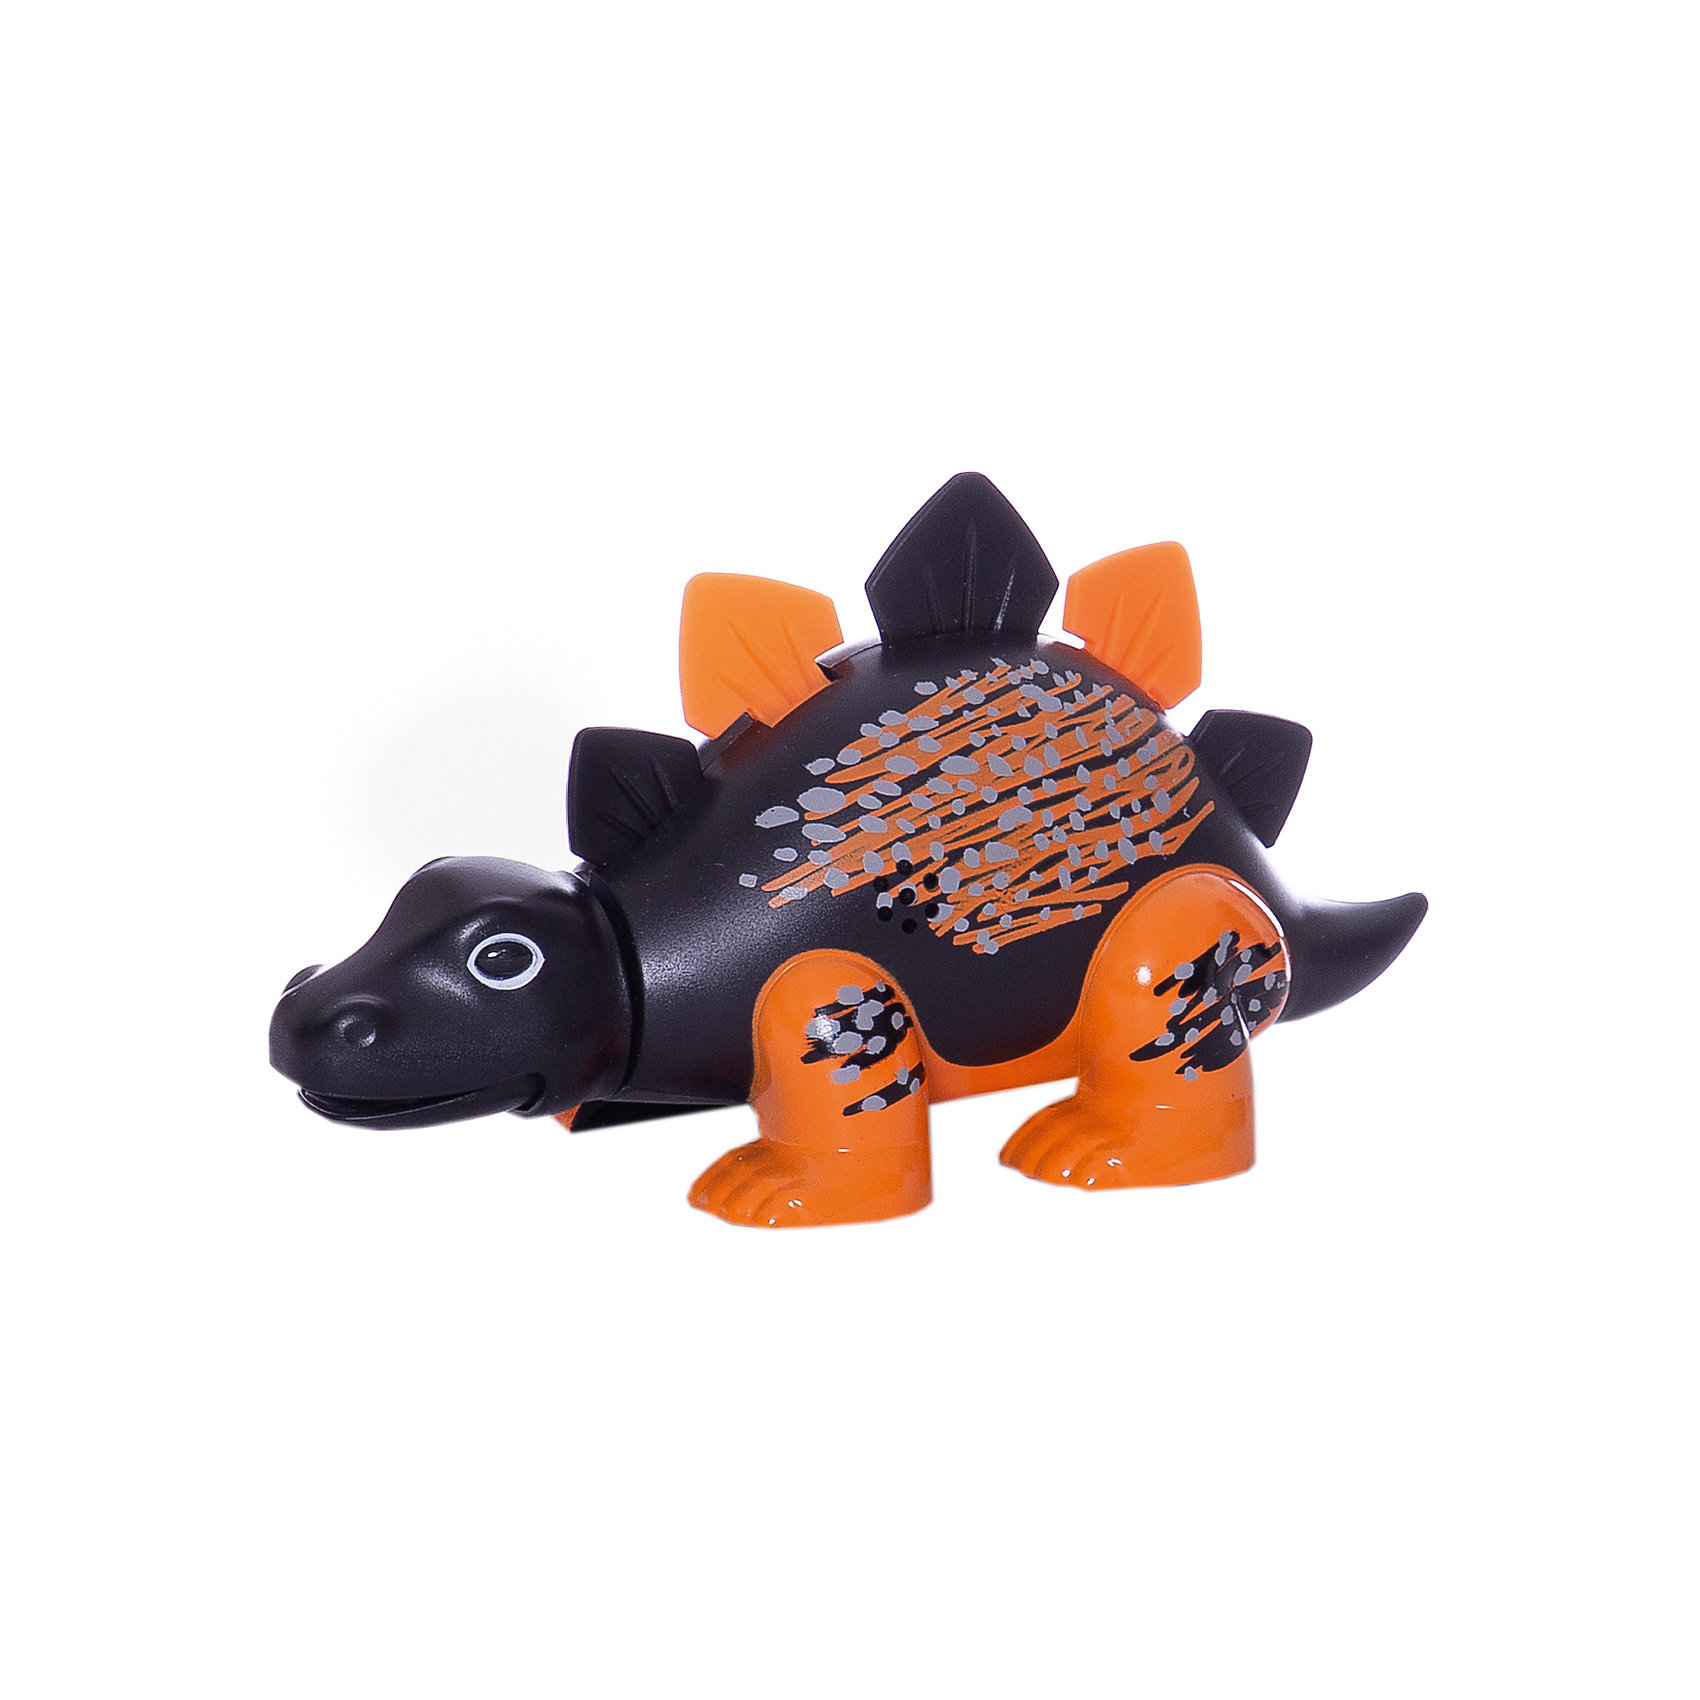 Динозавр Skye, черный с оранжевыми лапами, DigiBirdsИнтерактивные животные<br>Характеристики товара:<br><br>- цвет: черный с оранжевыми лапами;<br>- материал: пластик, металл;<br>- батарейки: 3xAG13/LR44, в комплекте;<br>- размер упаковки: 16x13x7 см;<br>- габариты игрушки: 6,5x10x15 см;<br>- умеет петь, рычать, шевелить головой и хвостом.<br><br>Такая игрушка в виде динозавра поможет ребенку весело проводить время - динозавр умеет петь, рычать, шевелить головой и хвостом. Это выглядит очень забавно! Игрушка реагирует на звук от специального свистка, который входит в комплект. Также можно приобрести другие игрушки из этой серии - тогда они будут петь хором!<br>Динозавр способен помогать всестороннему развитию ребенка: развивать тактильное восприятие, мелкую моторику, воображение, внимание и логику. Изделие произведено из качественных материалов, безопасных для ребенка. Набор станет отличным подарком детям!<br><br>Динозавр Skye, черный с оранжевыми лапами, от бренда DigiBirds можно купить в нашем интернет-магазине.<br><br>Ширина мм: 115<br>Глубина мм: 15<br>Высота мм: 62<br>Вес г: 128<br>Возраст от месяцев: 36<br>Возраст до месяцев: 84<br>Пол: Унисекс<br>Возраст: Детский<br>SKU: 5138202